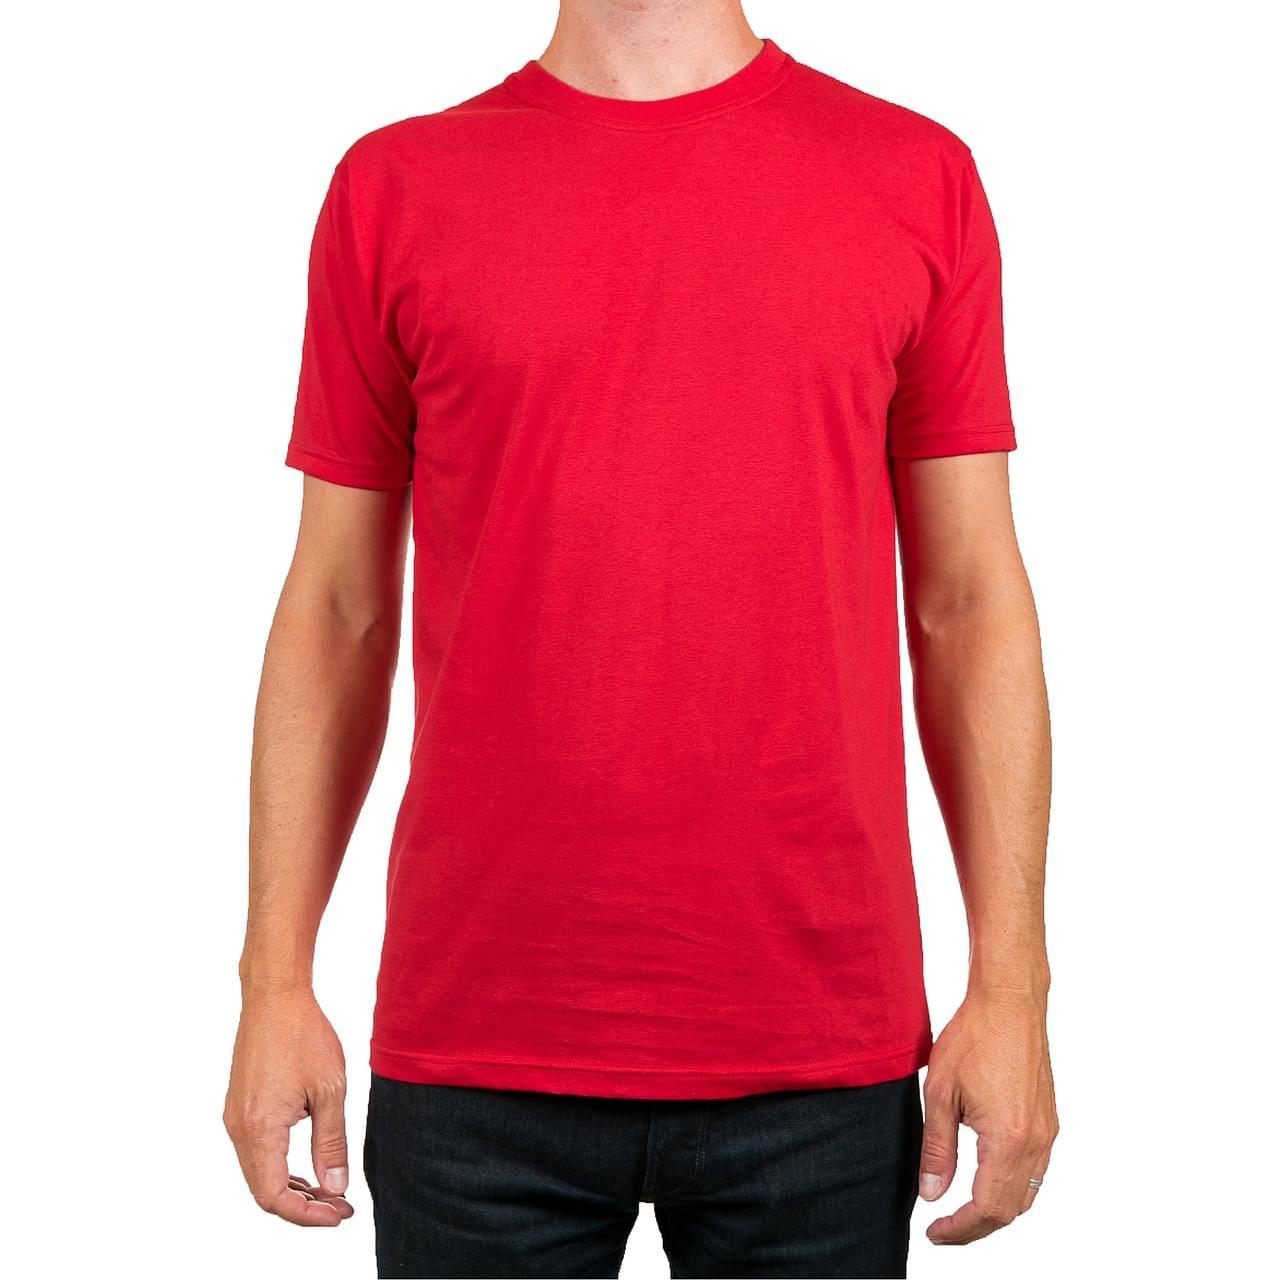 PS教程!教你制作透明T恤效果(含素材)